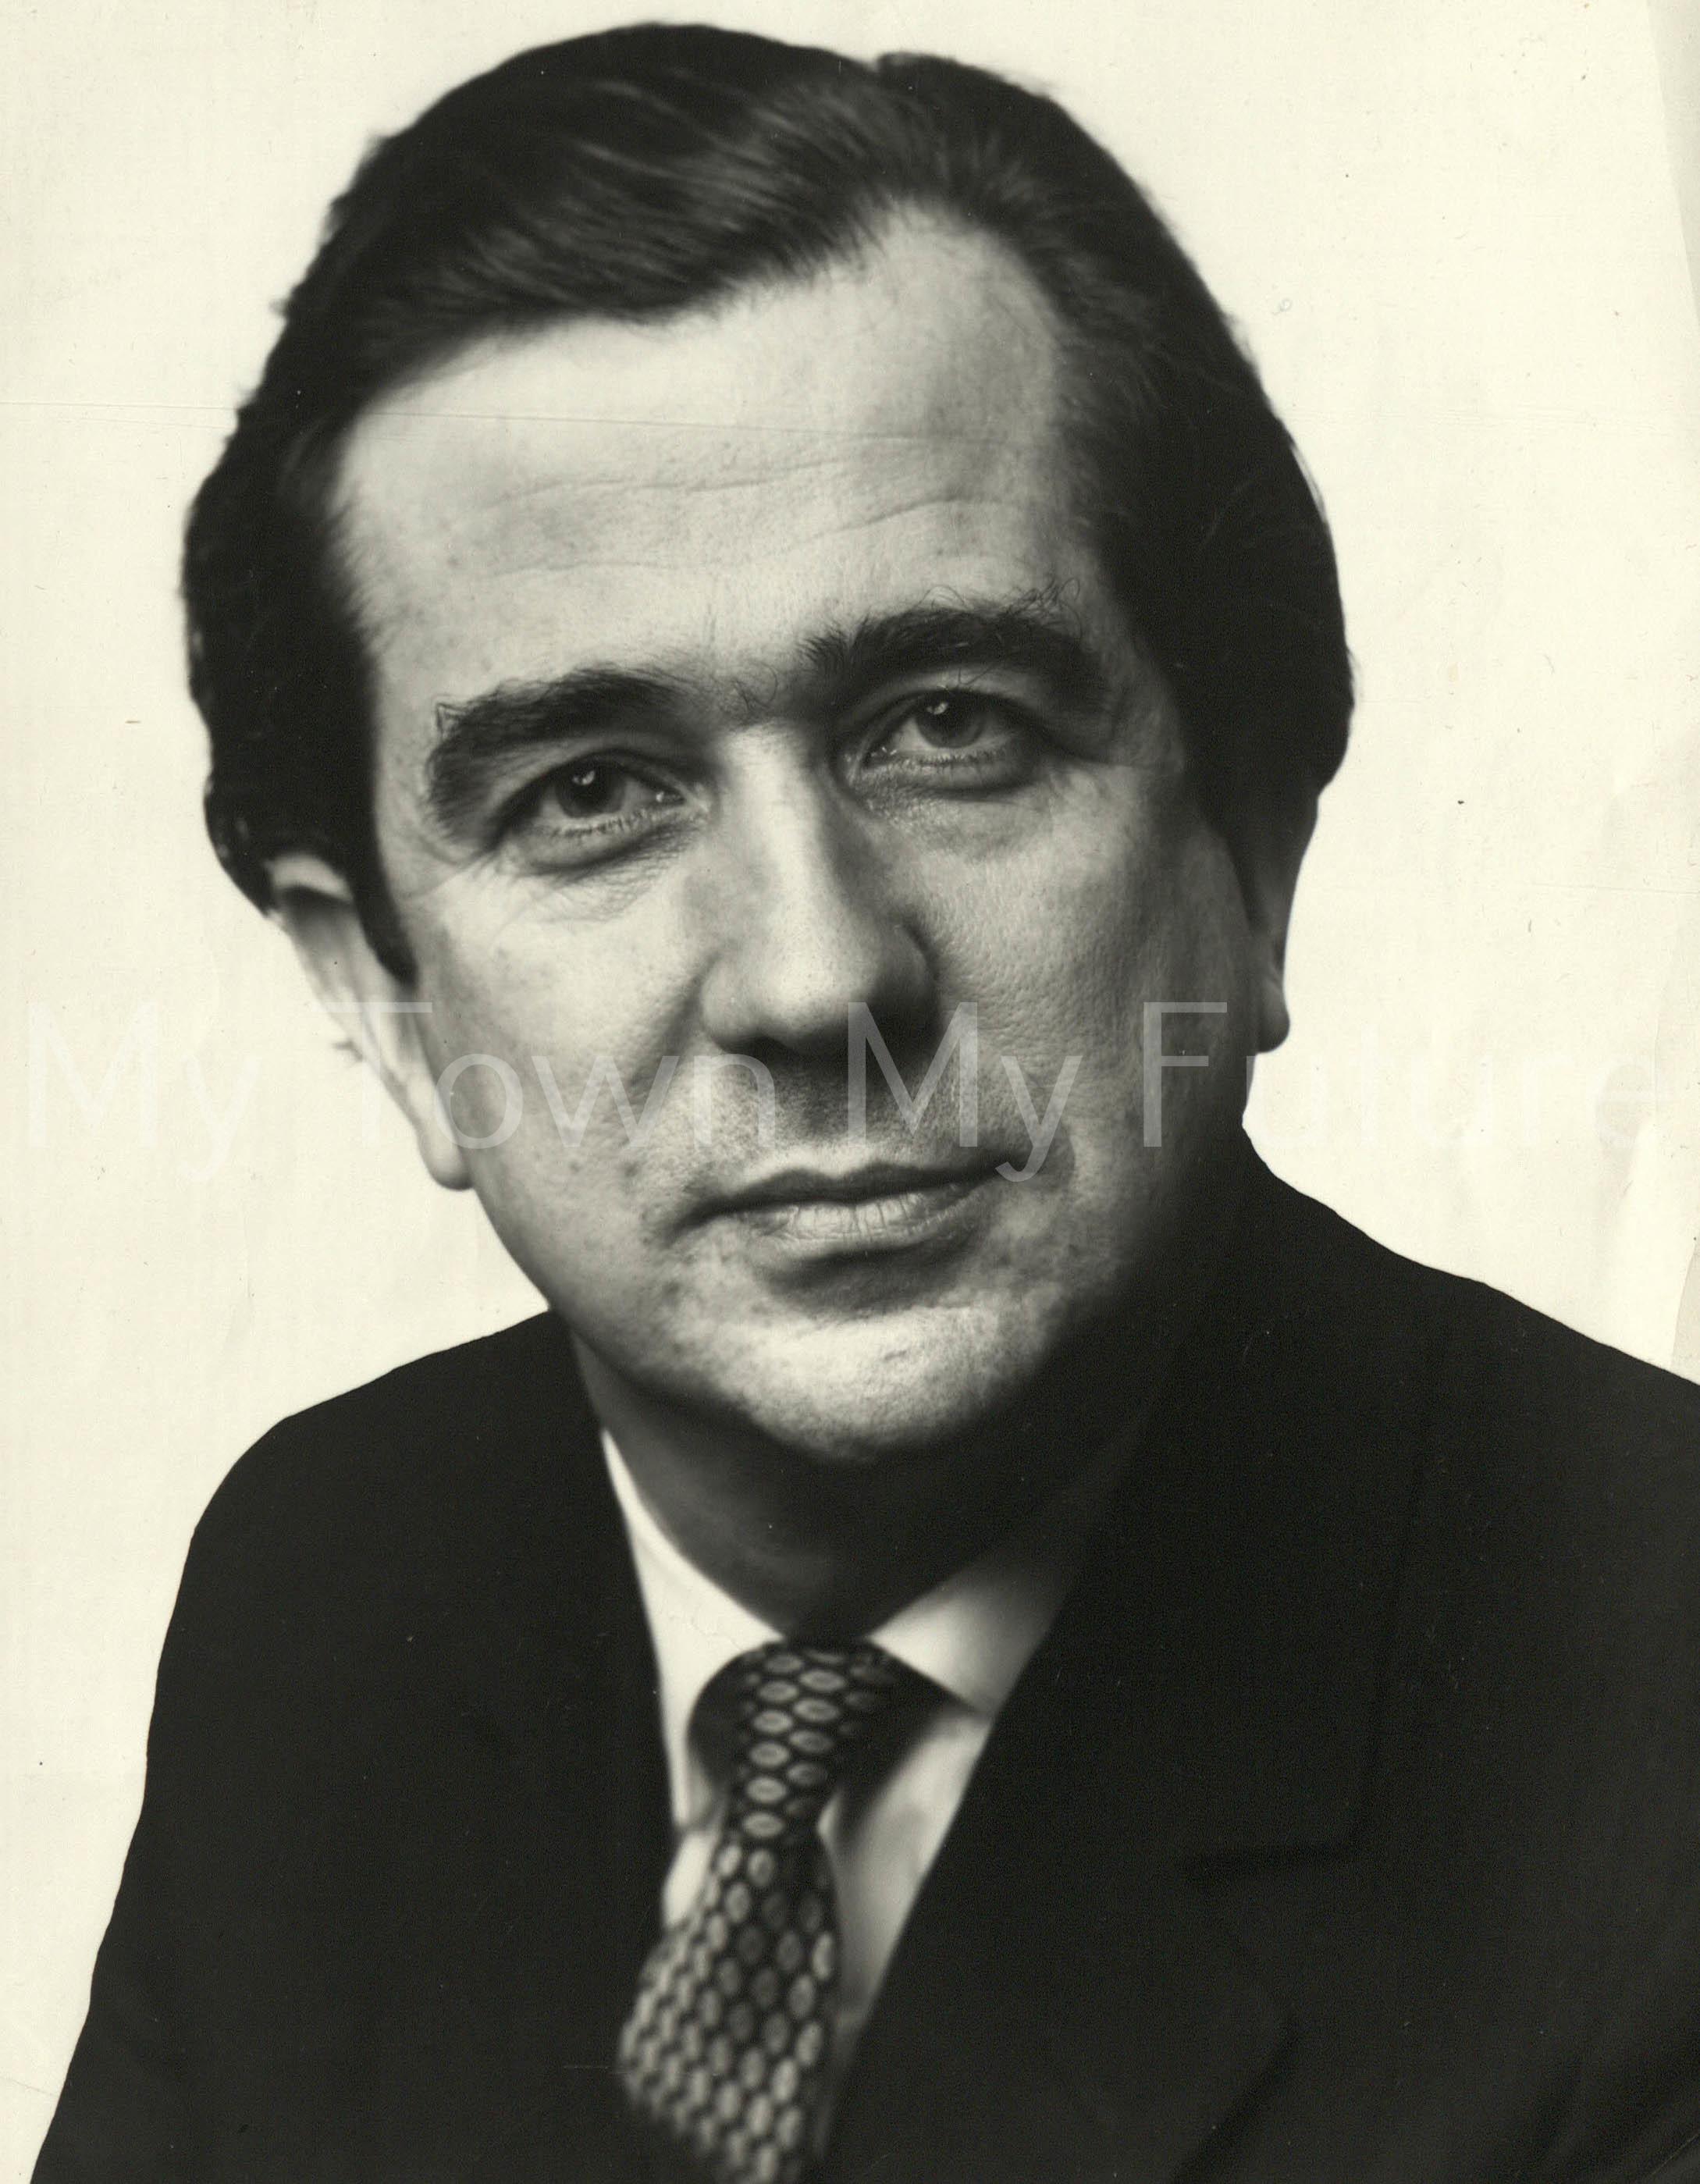 William Rogers MP